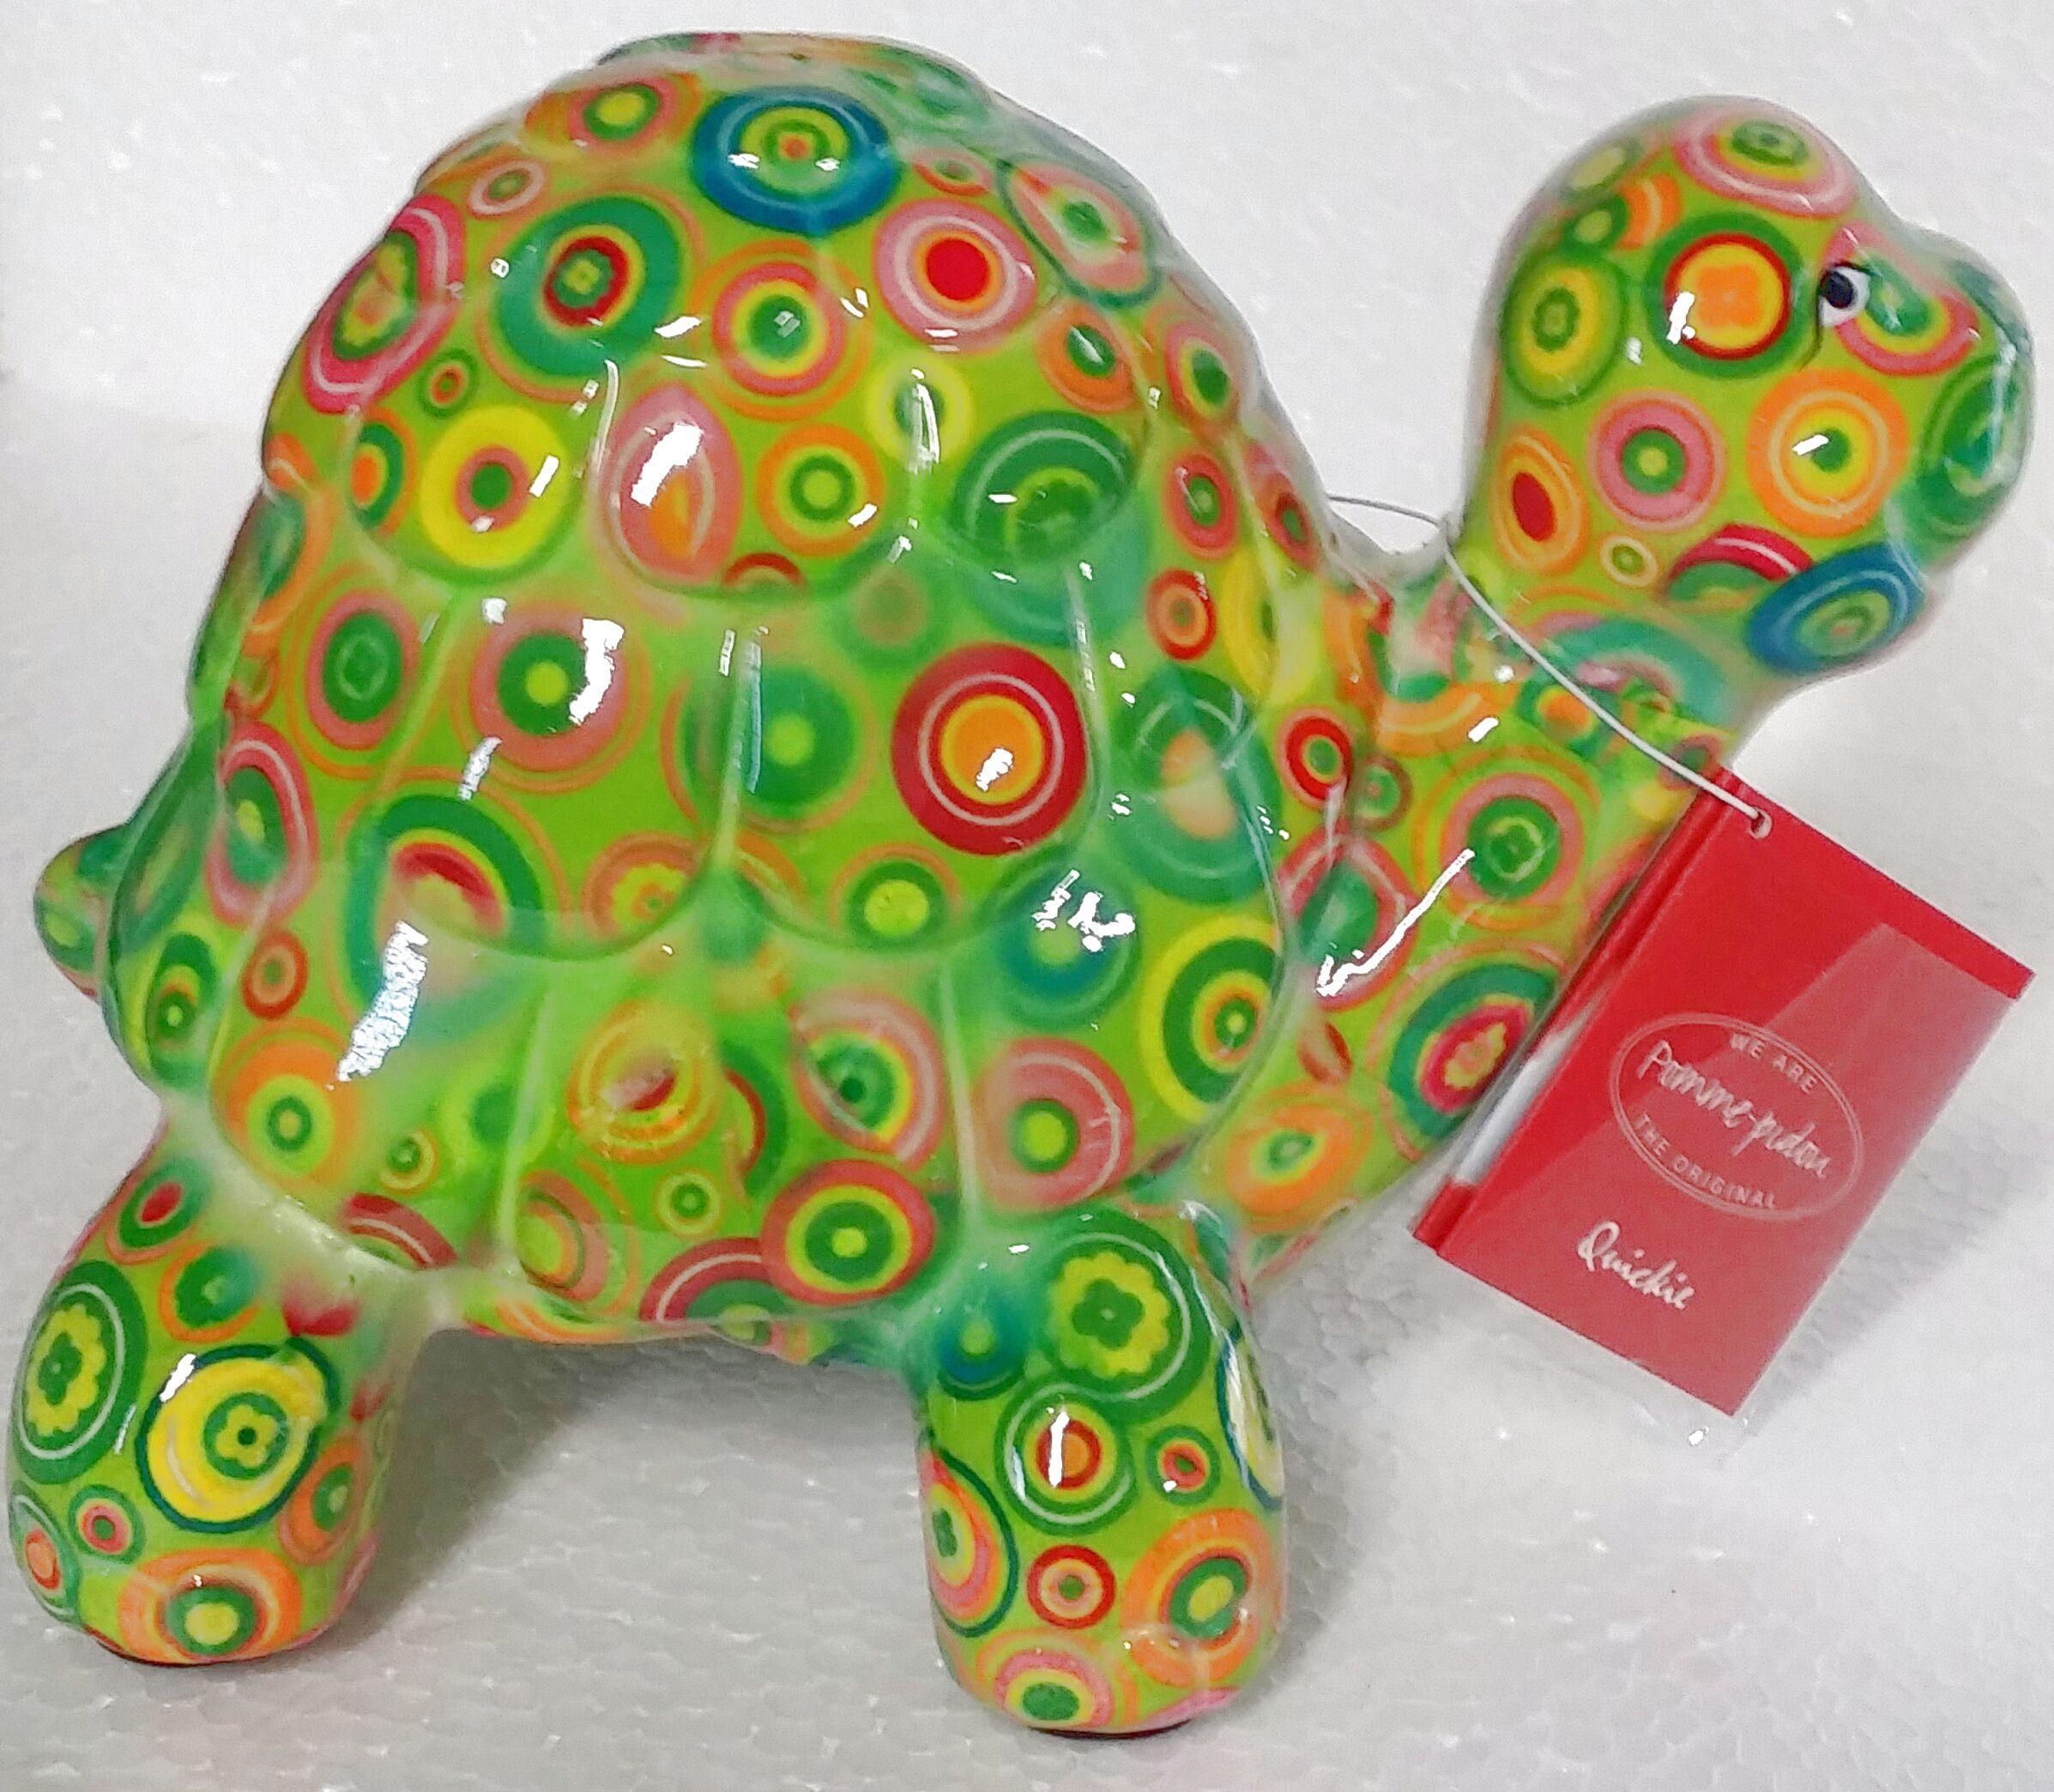 Objet Tortue En Decoration : Tirelire tortue pomme pidou groupdeco site